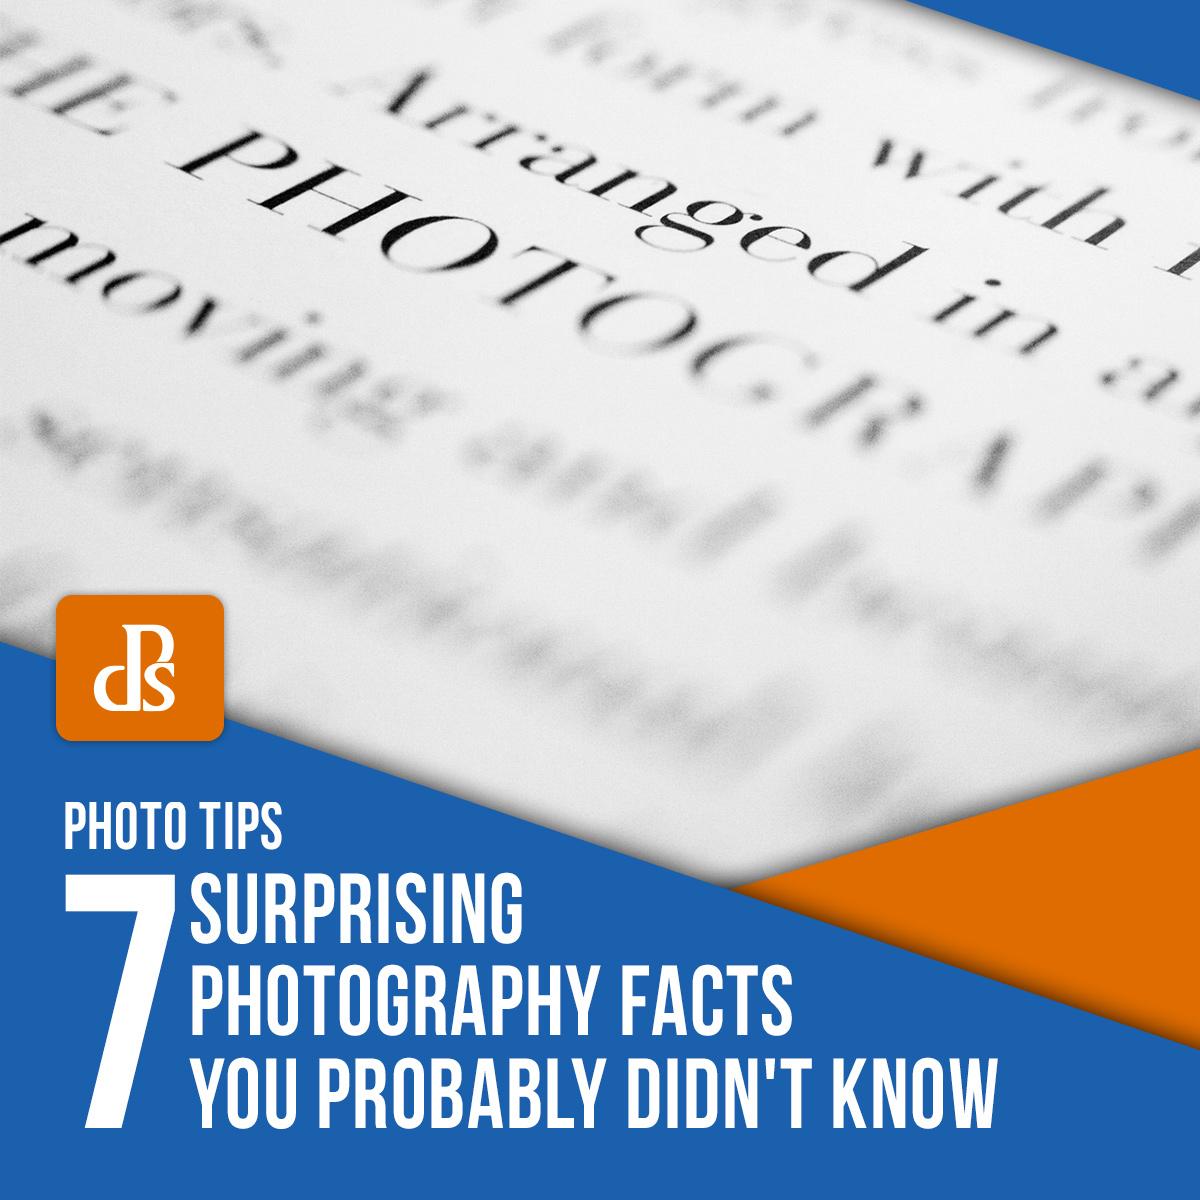 fatos surpreendentes da fotografia